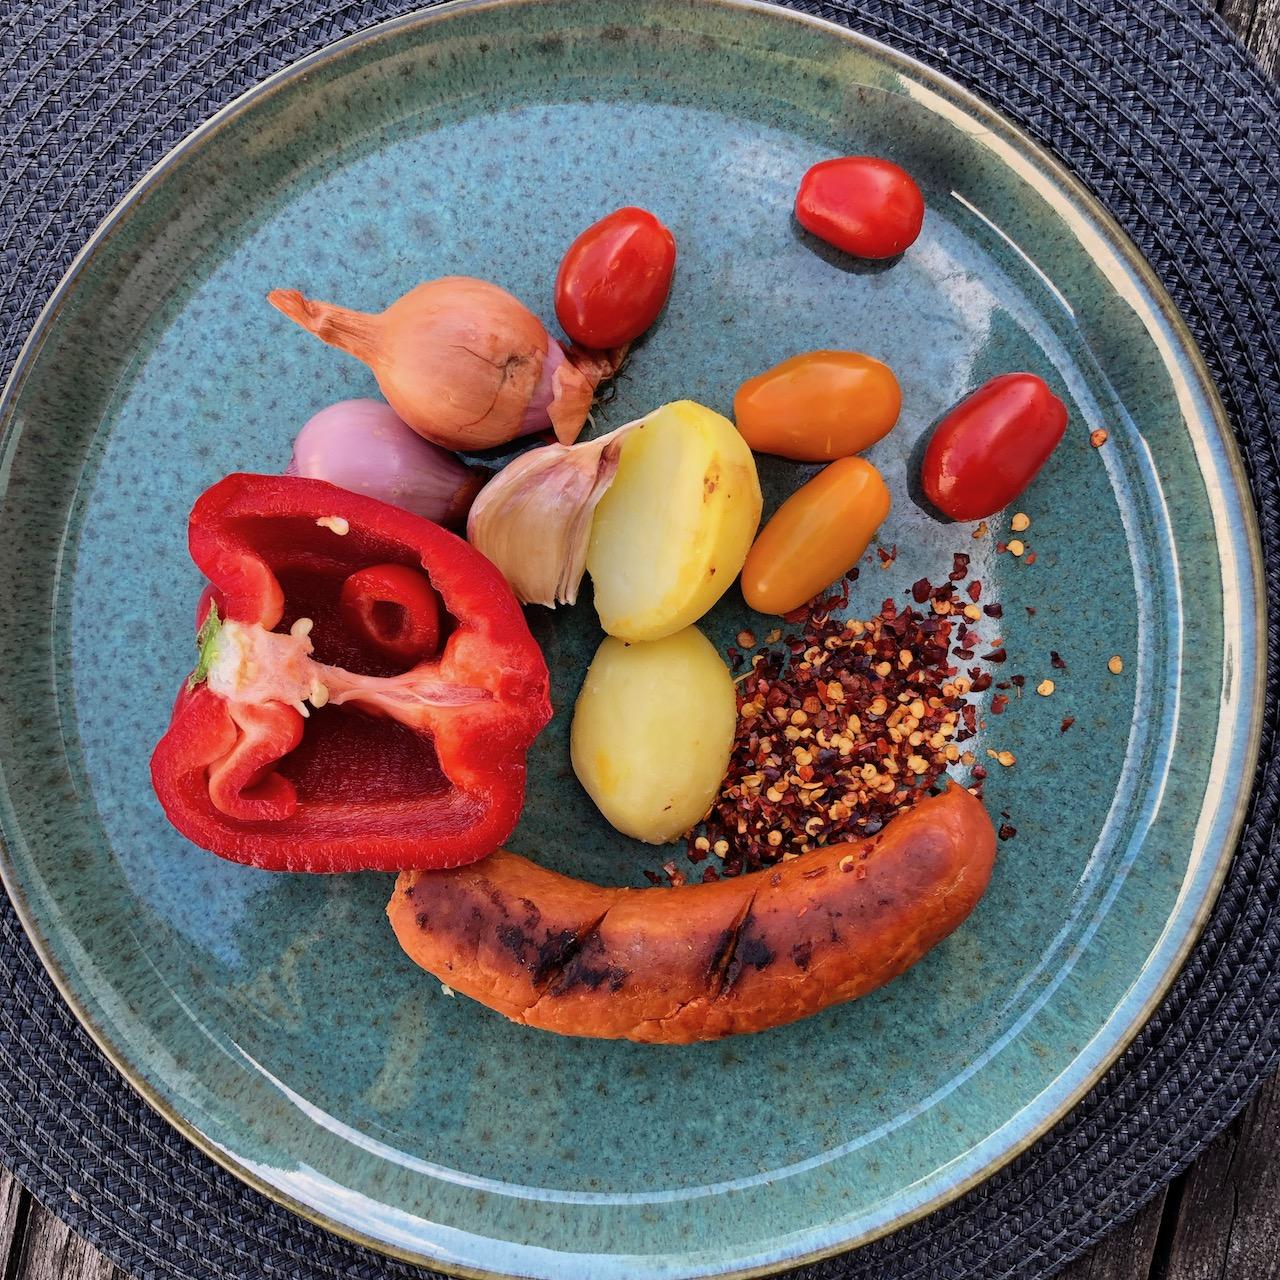 Salsicha - Alho - Tomate - Cebola - Batata - Pimenta vermelha - Pimenta picante